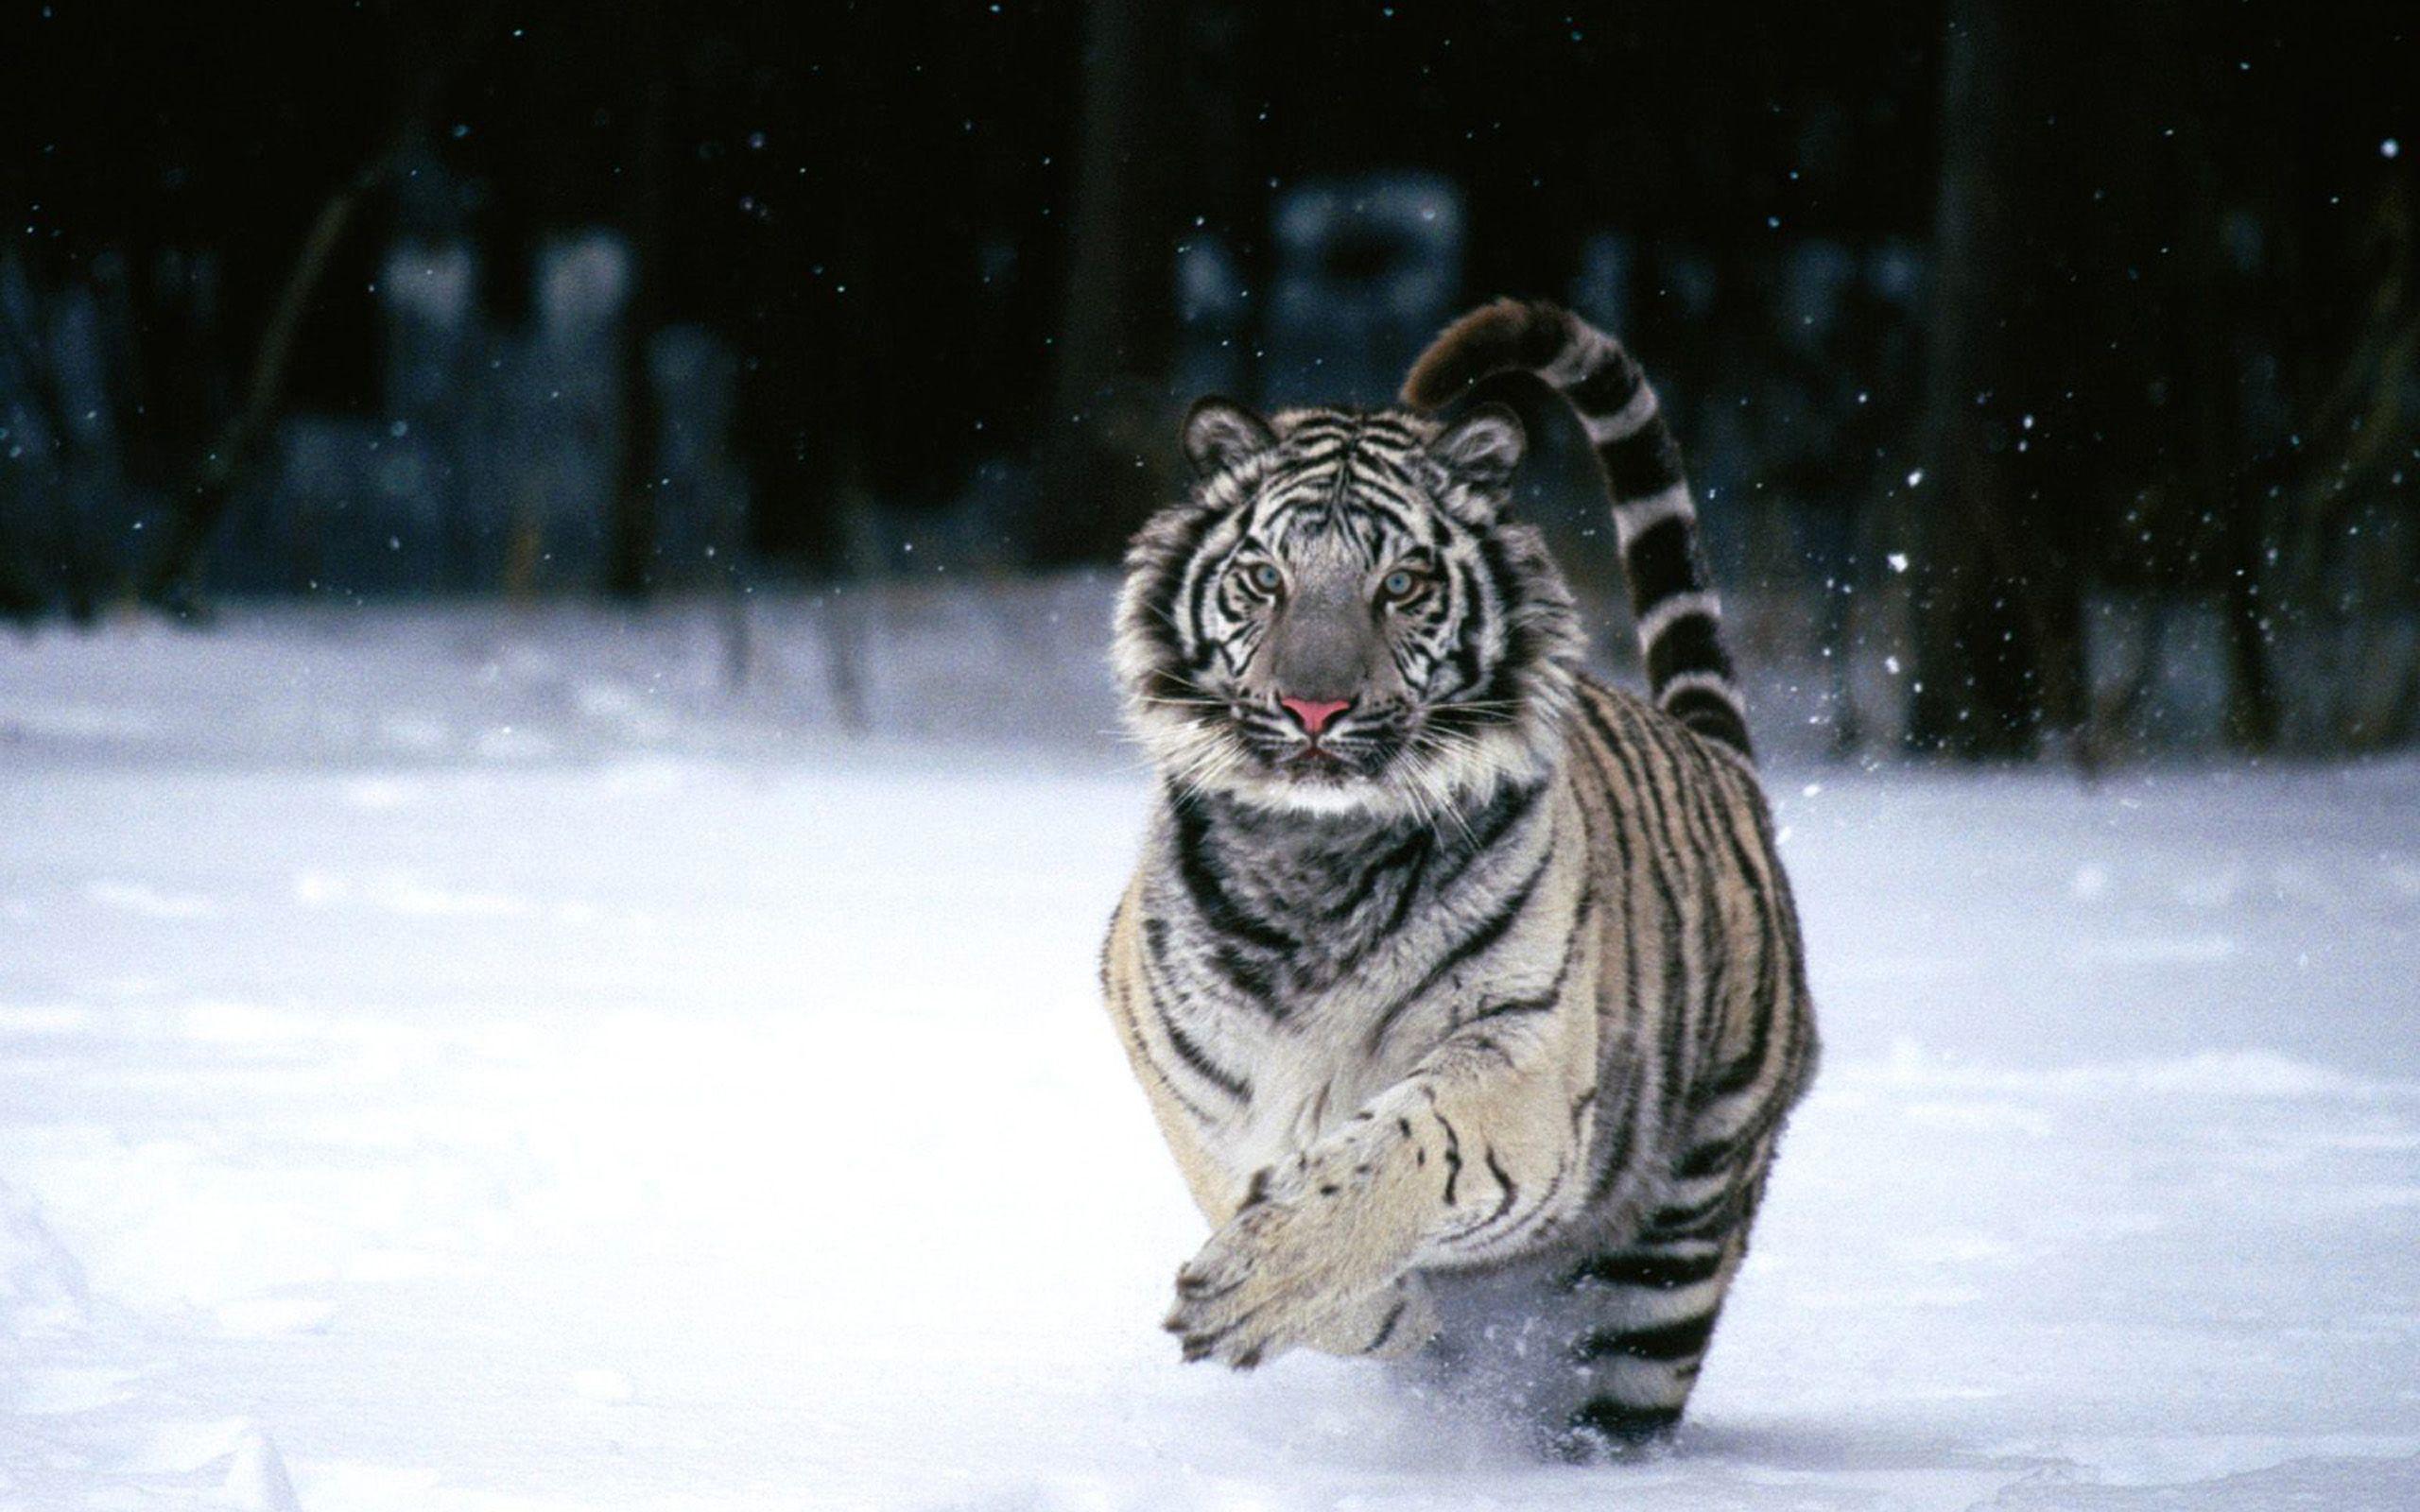 tiger photos download